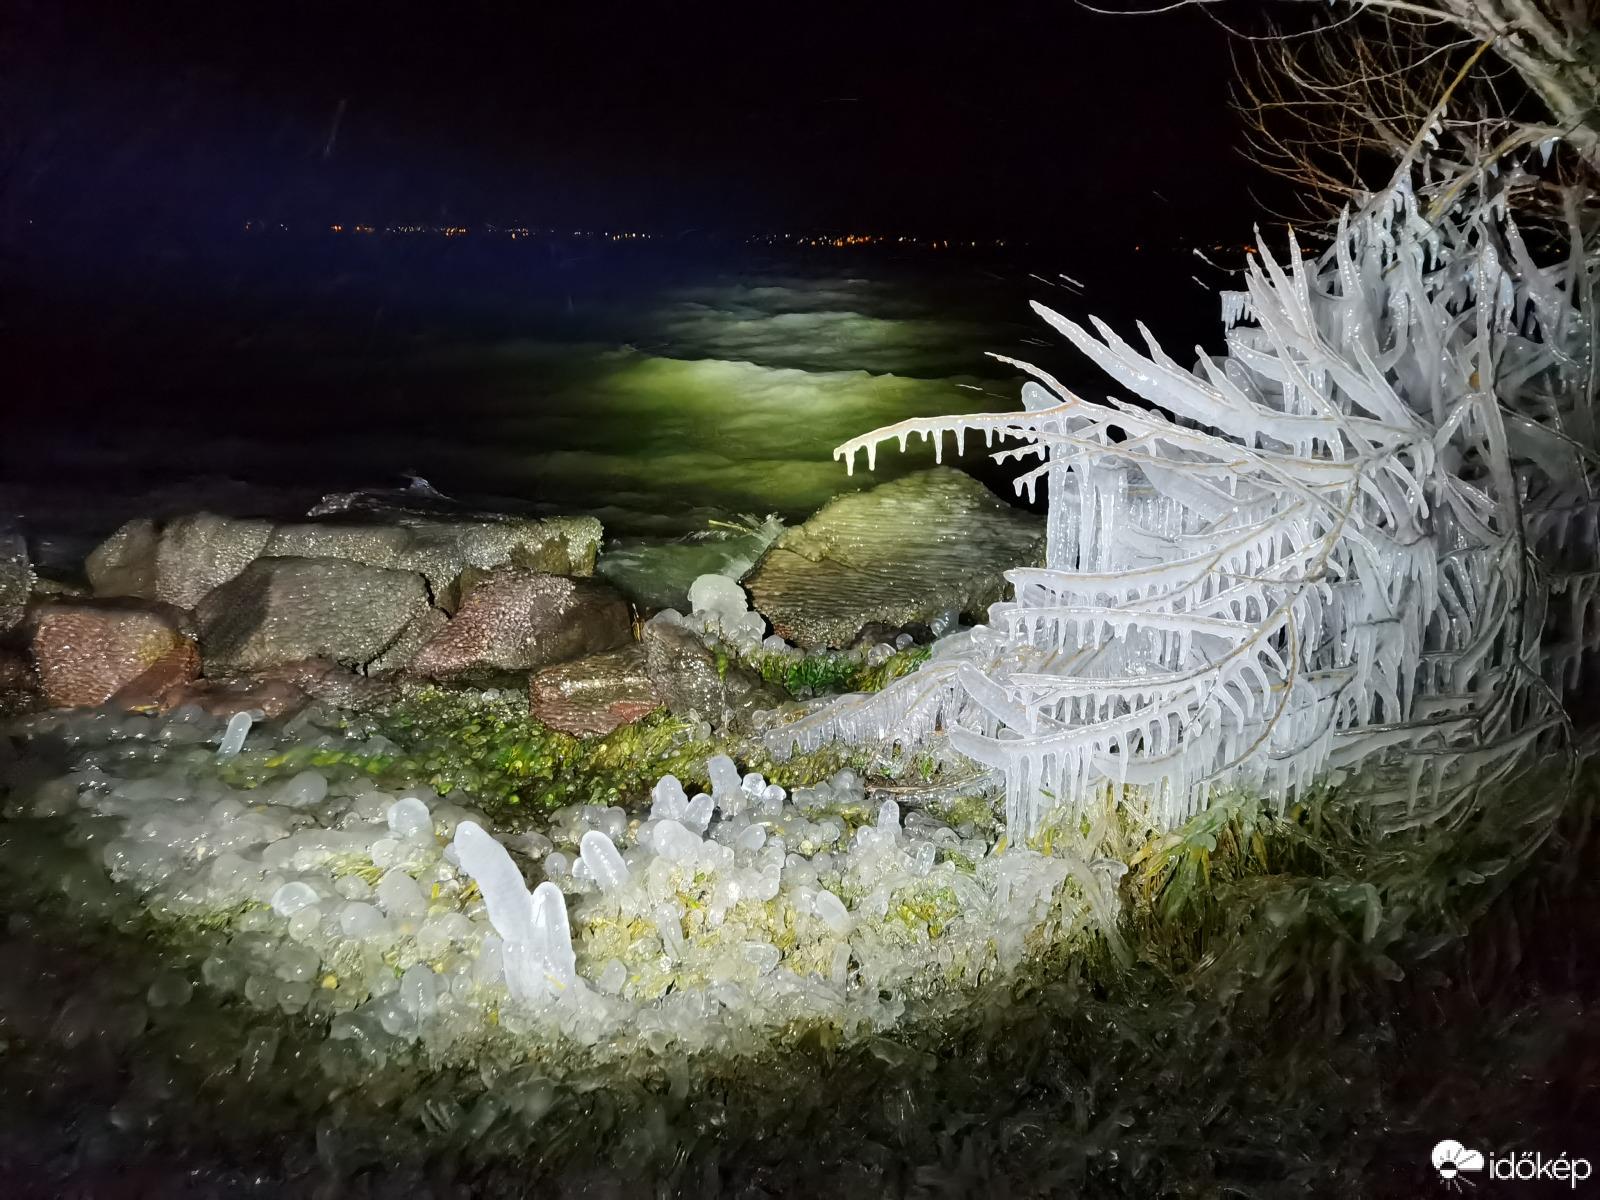 Egy idegen világ – jégbe zárva